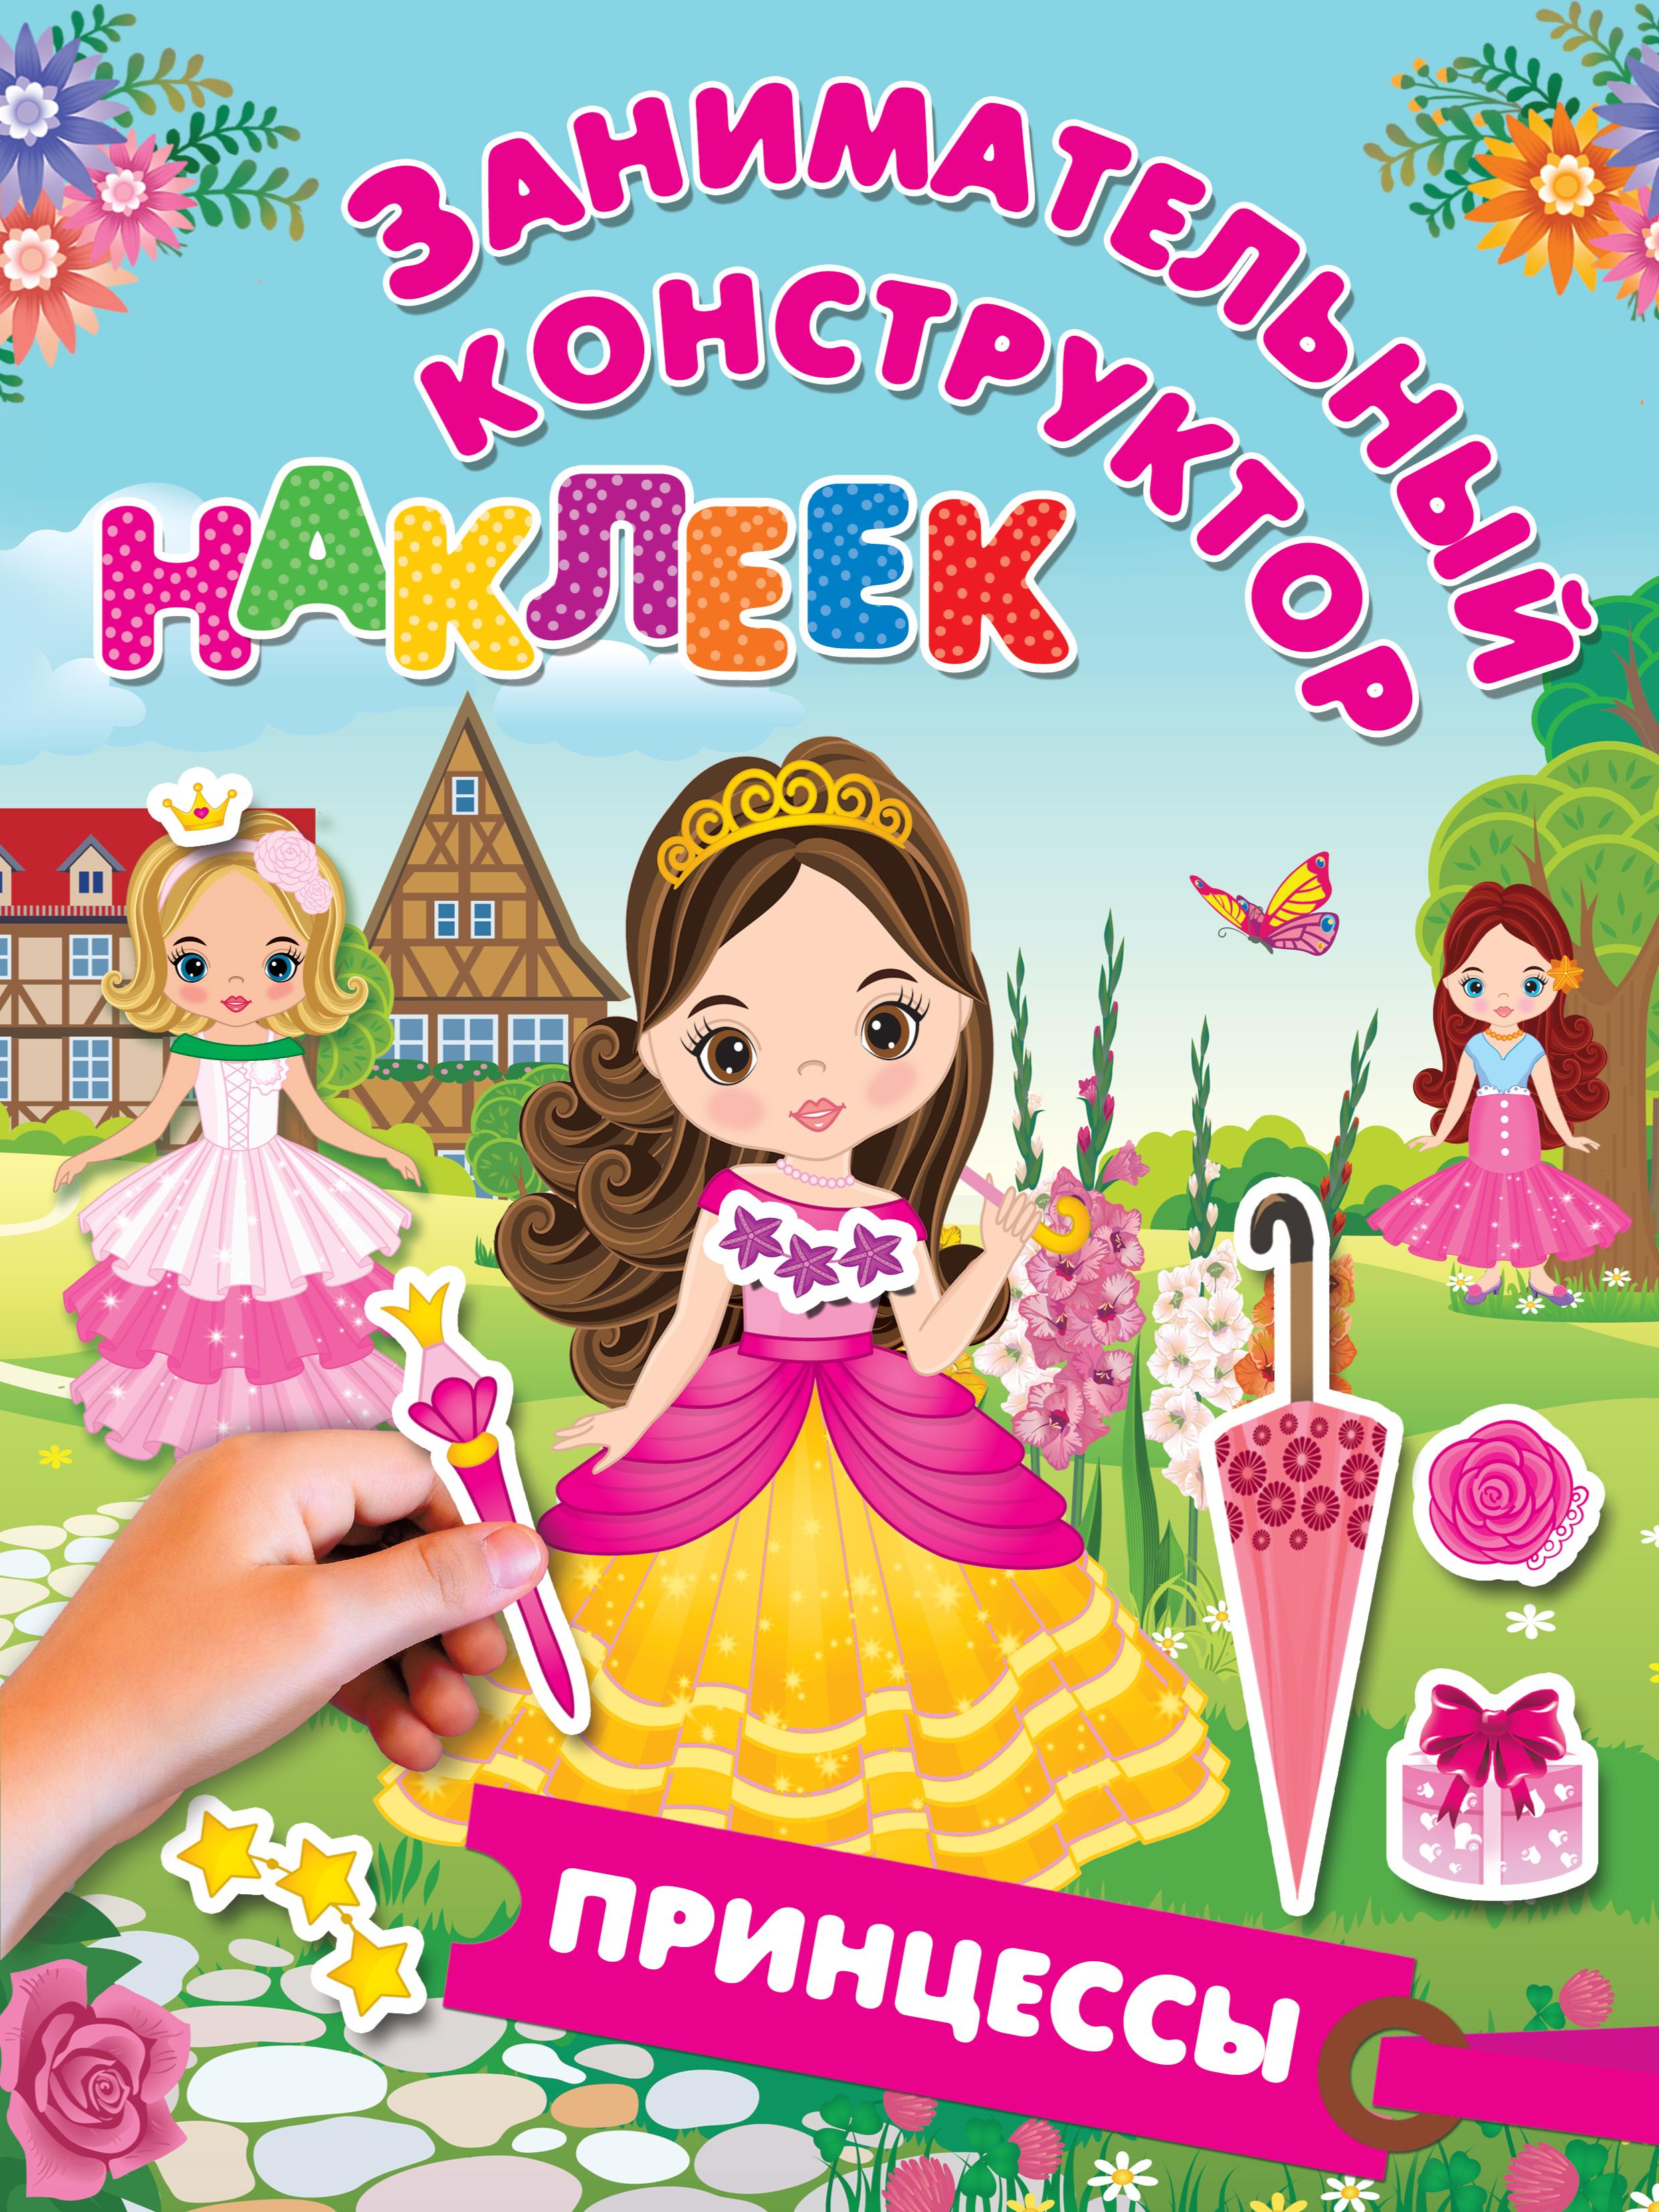 Дмитриева В.Г., Горбунова И.В. Принцессы